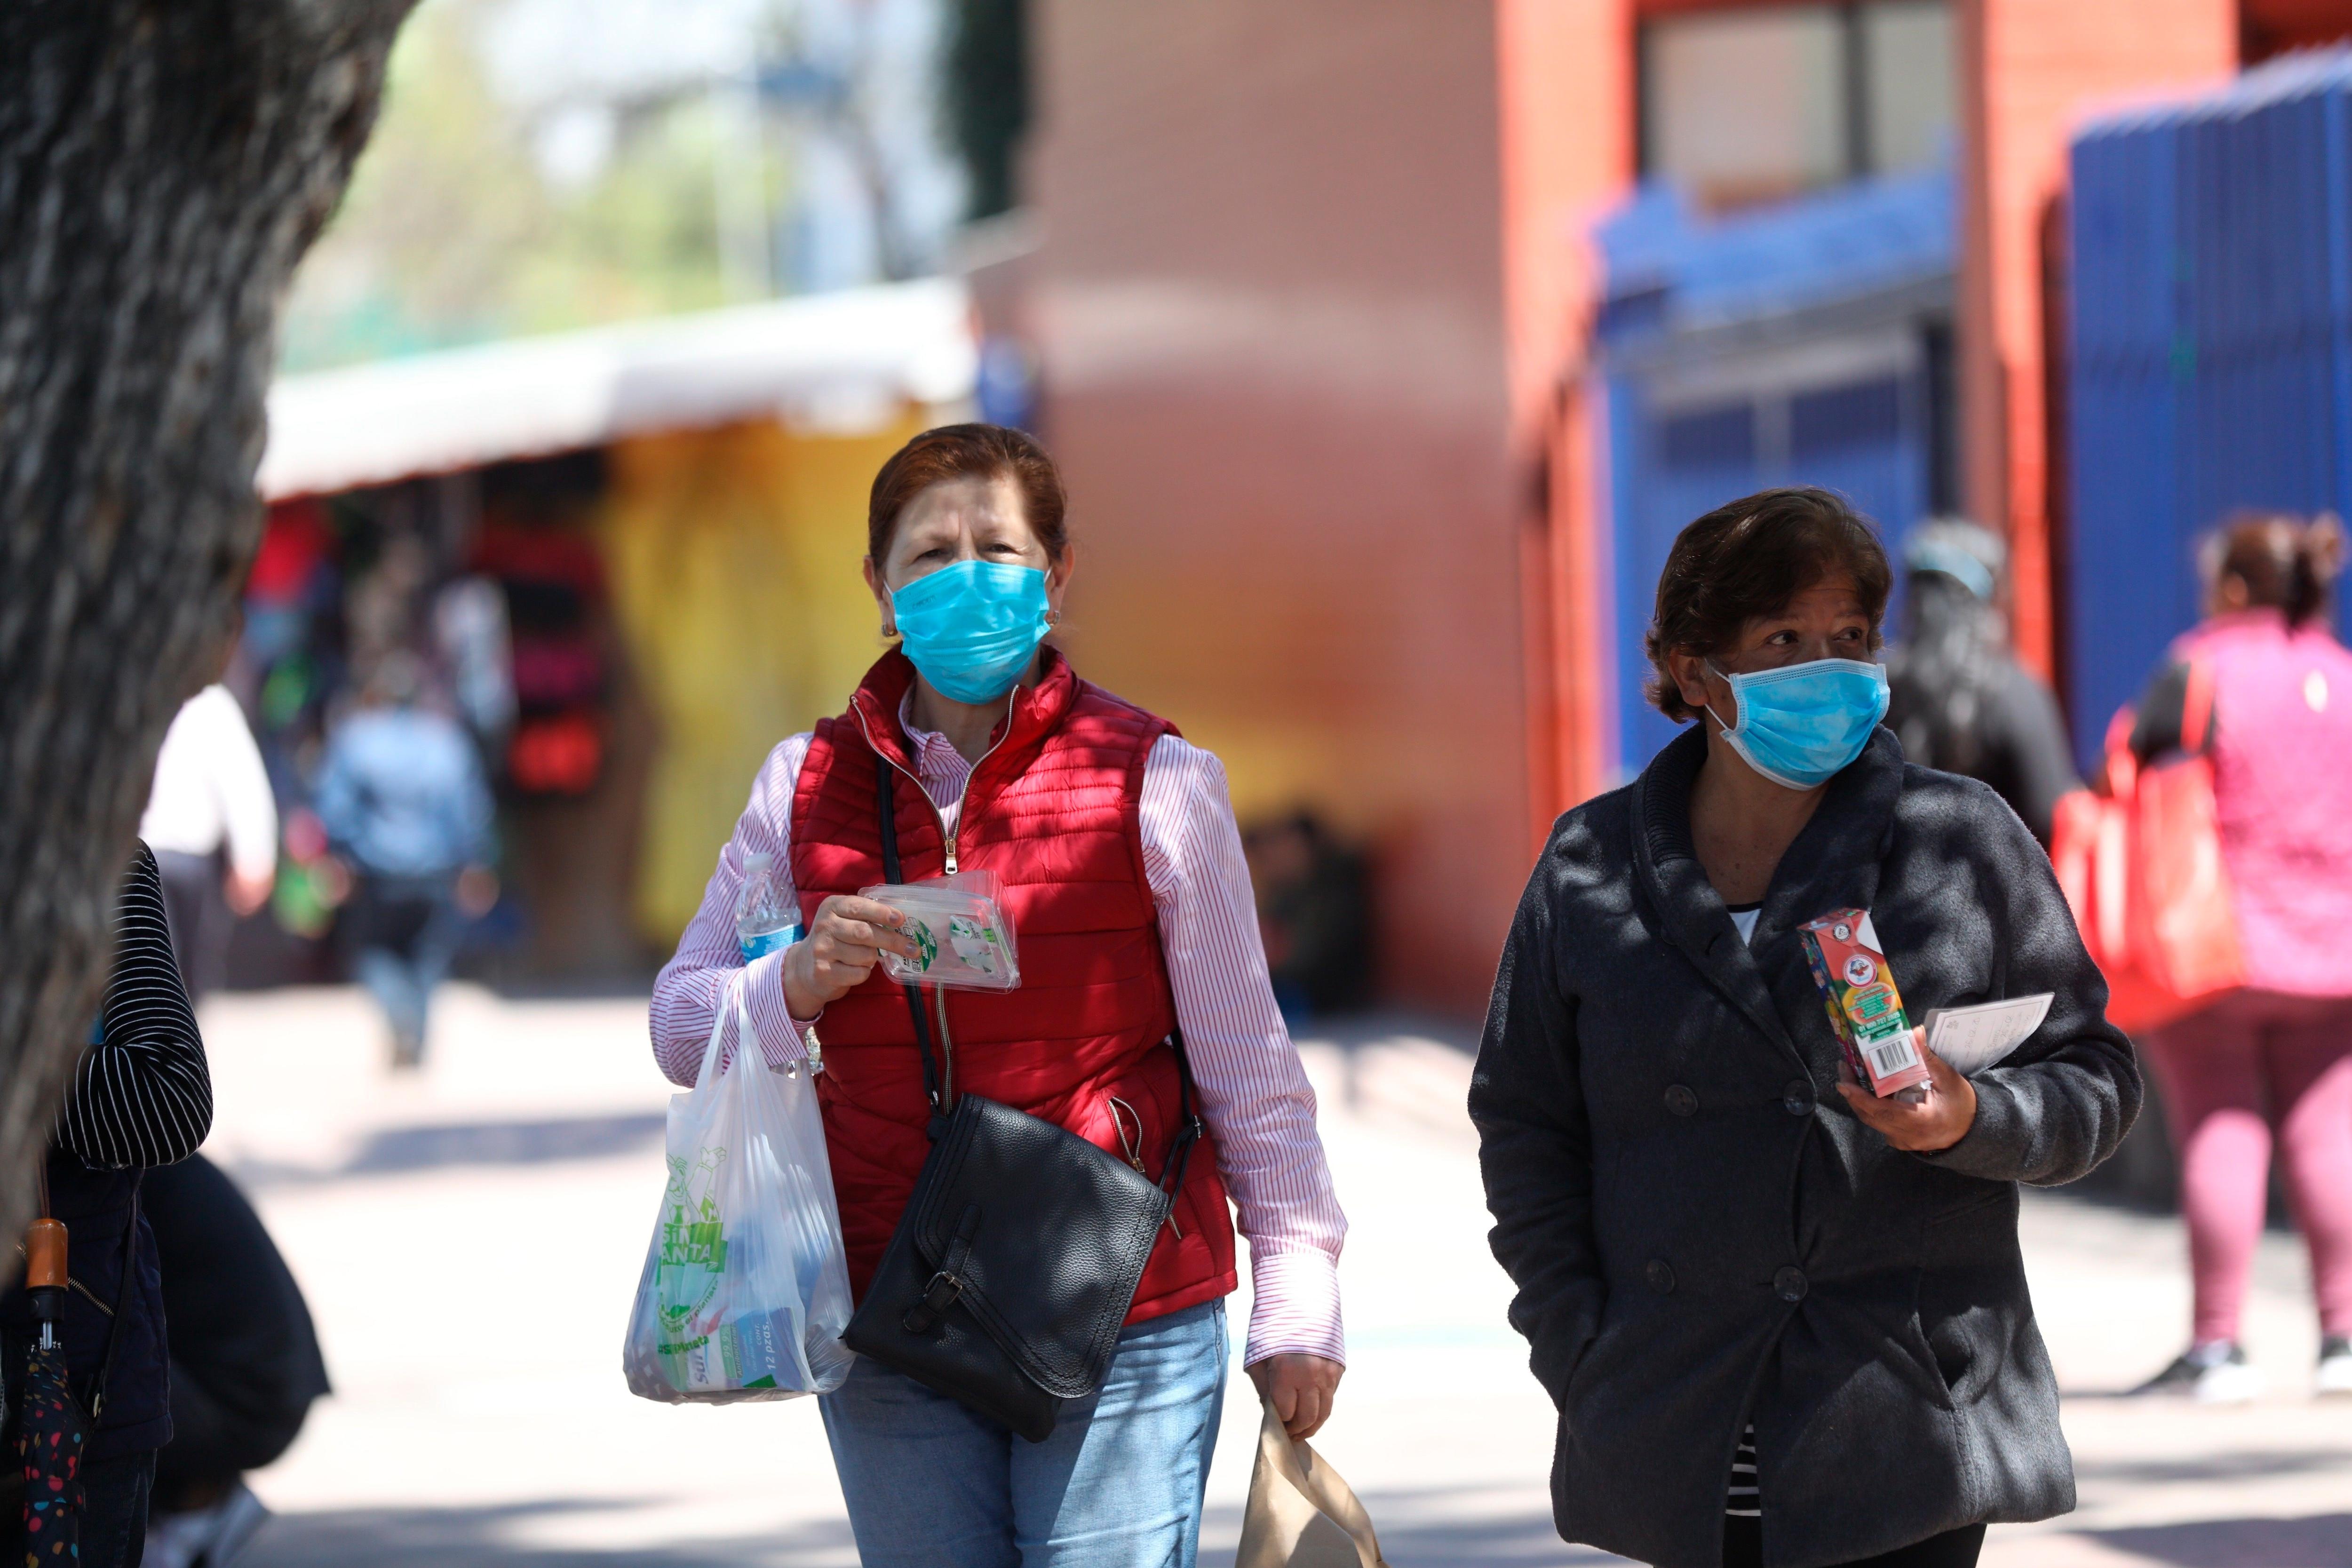 En México se confirmaron 983,791 contagios acumulados de coronavirus hasta el 17 de octubre de 2020 (Foto: EFE/ Sáshenka Gutiérrez)